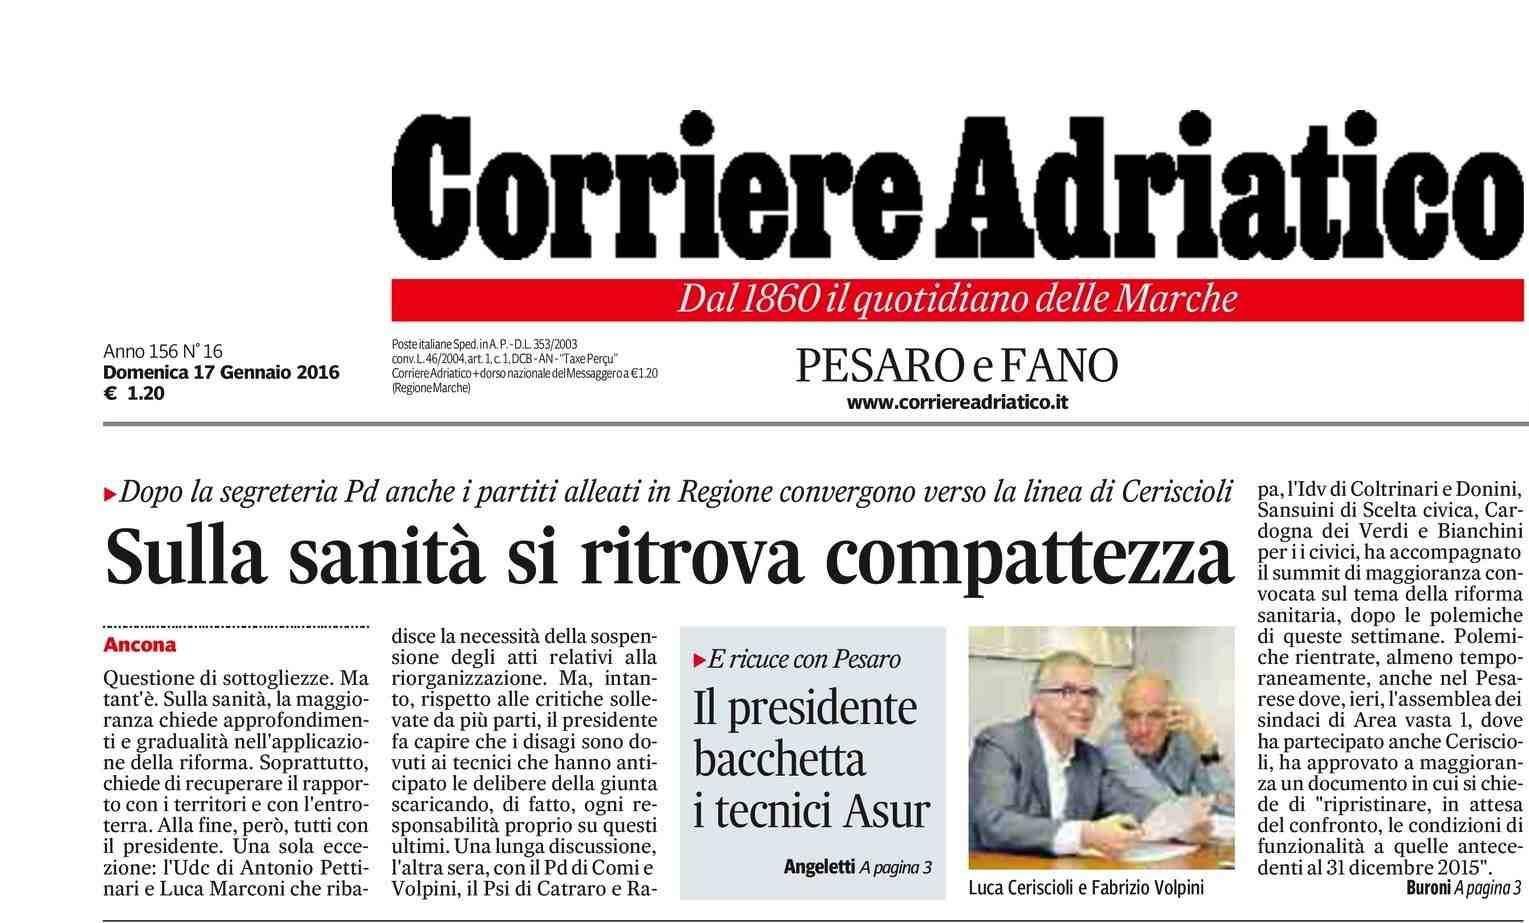 CORR_ADRIATICO_PESARO_01 2